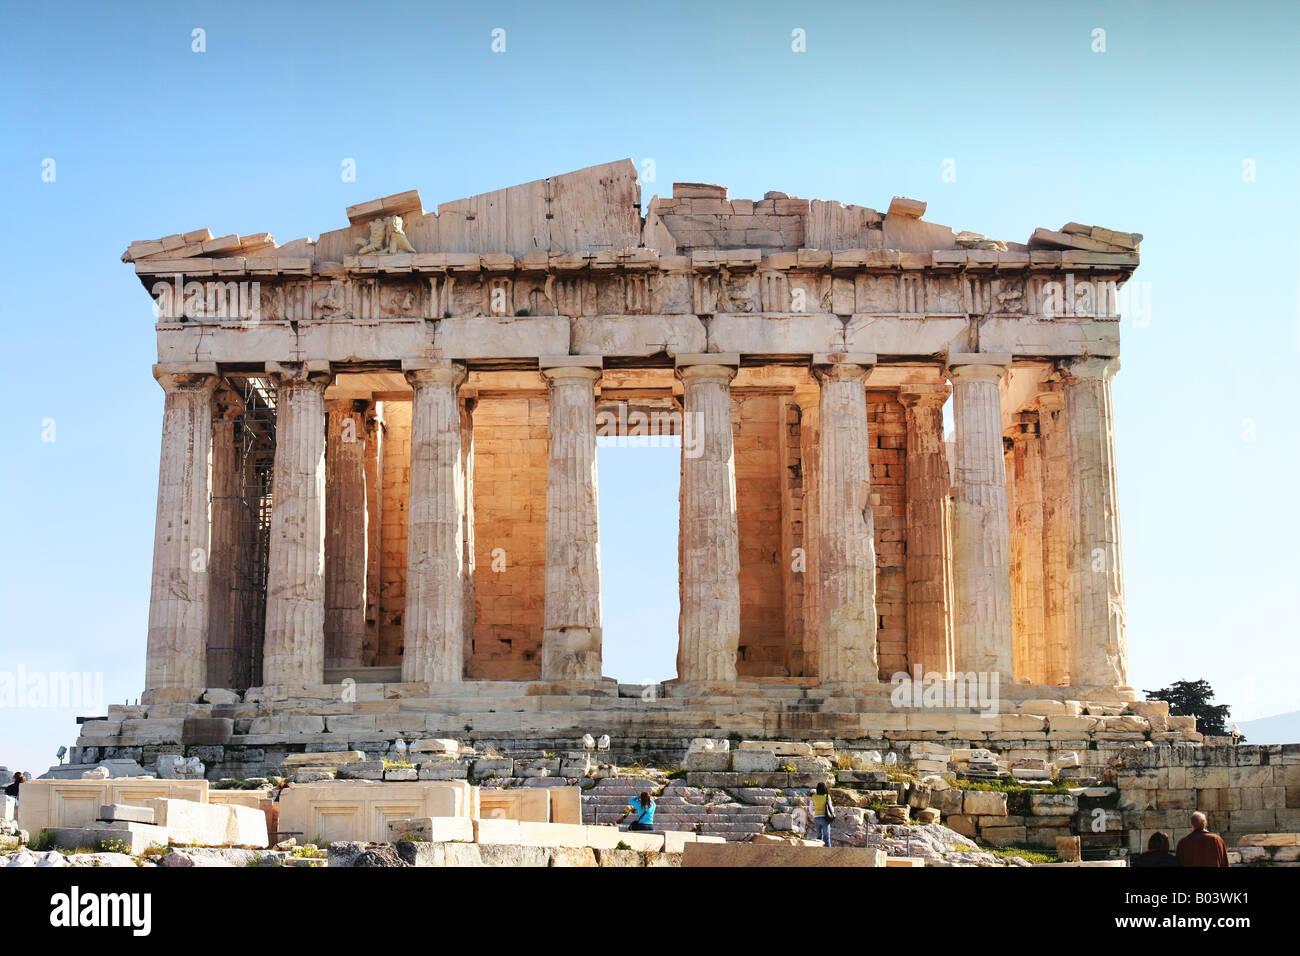 Ahora Acrópolis el antiguo templo del Partenón, punto focal de la Acrópolis en Atenas, Grecia. Imagen De Stock